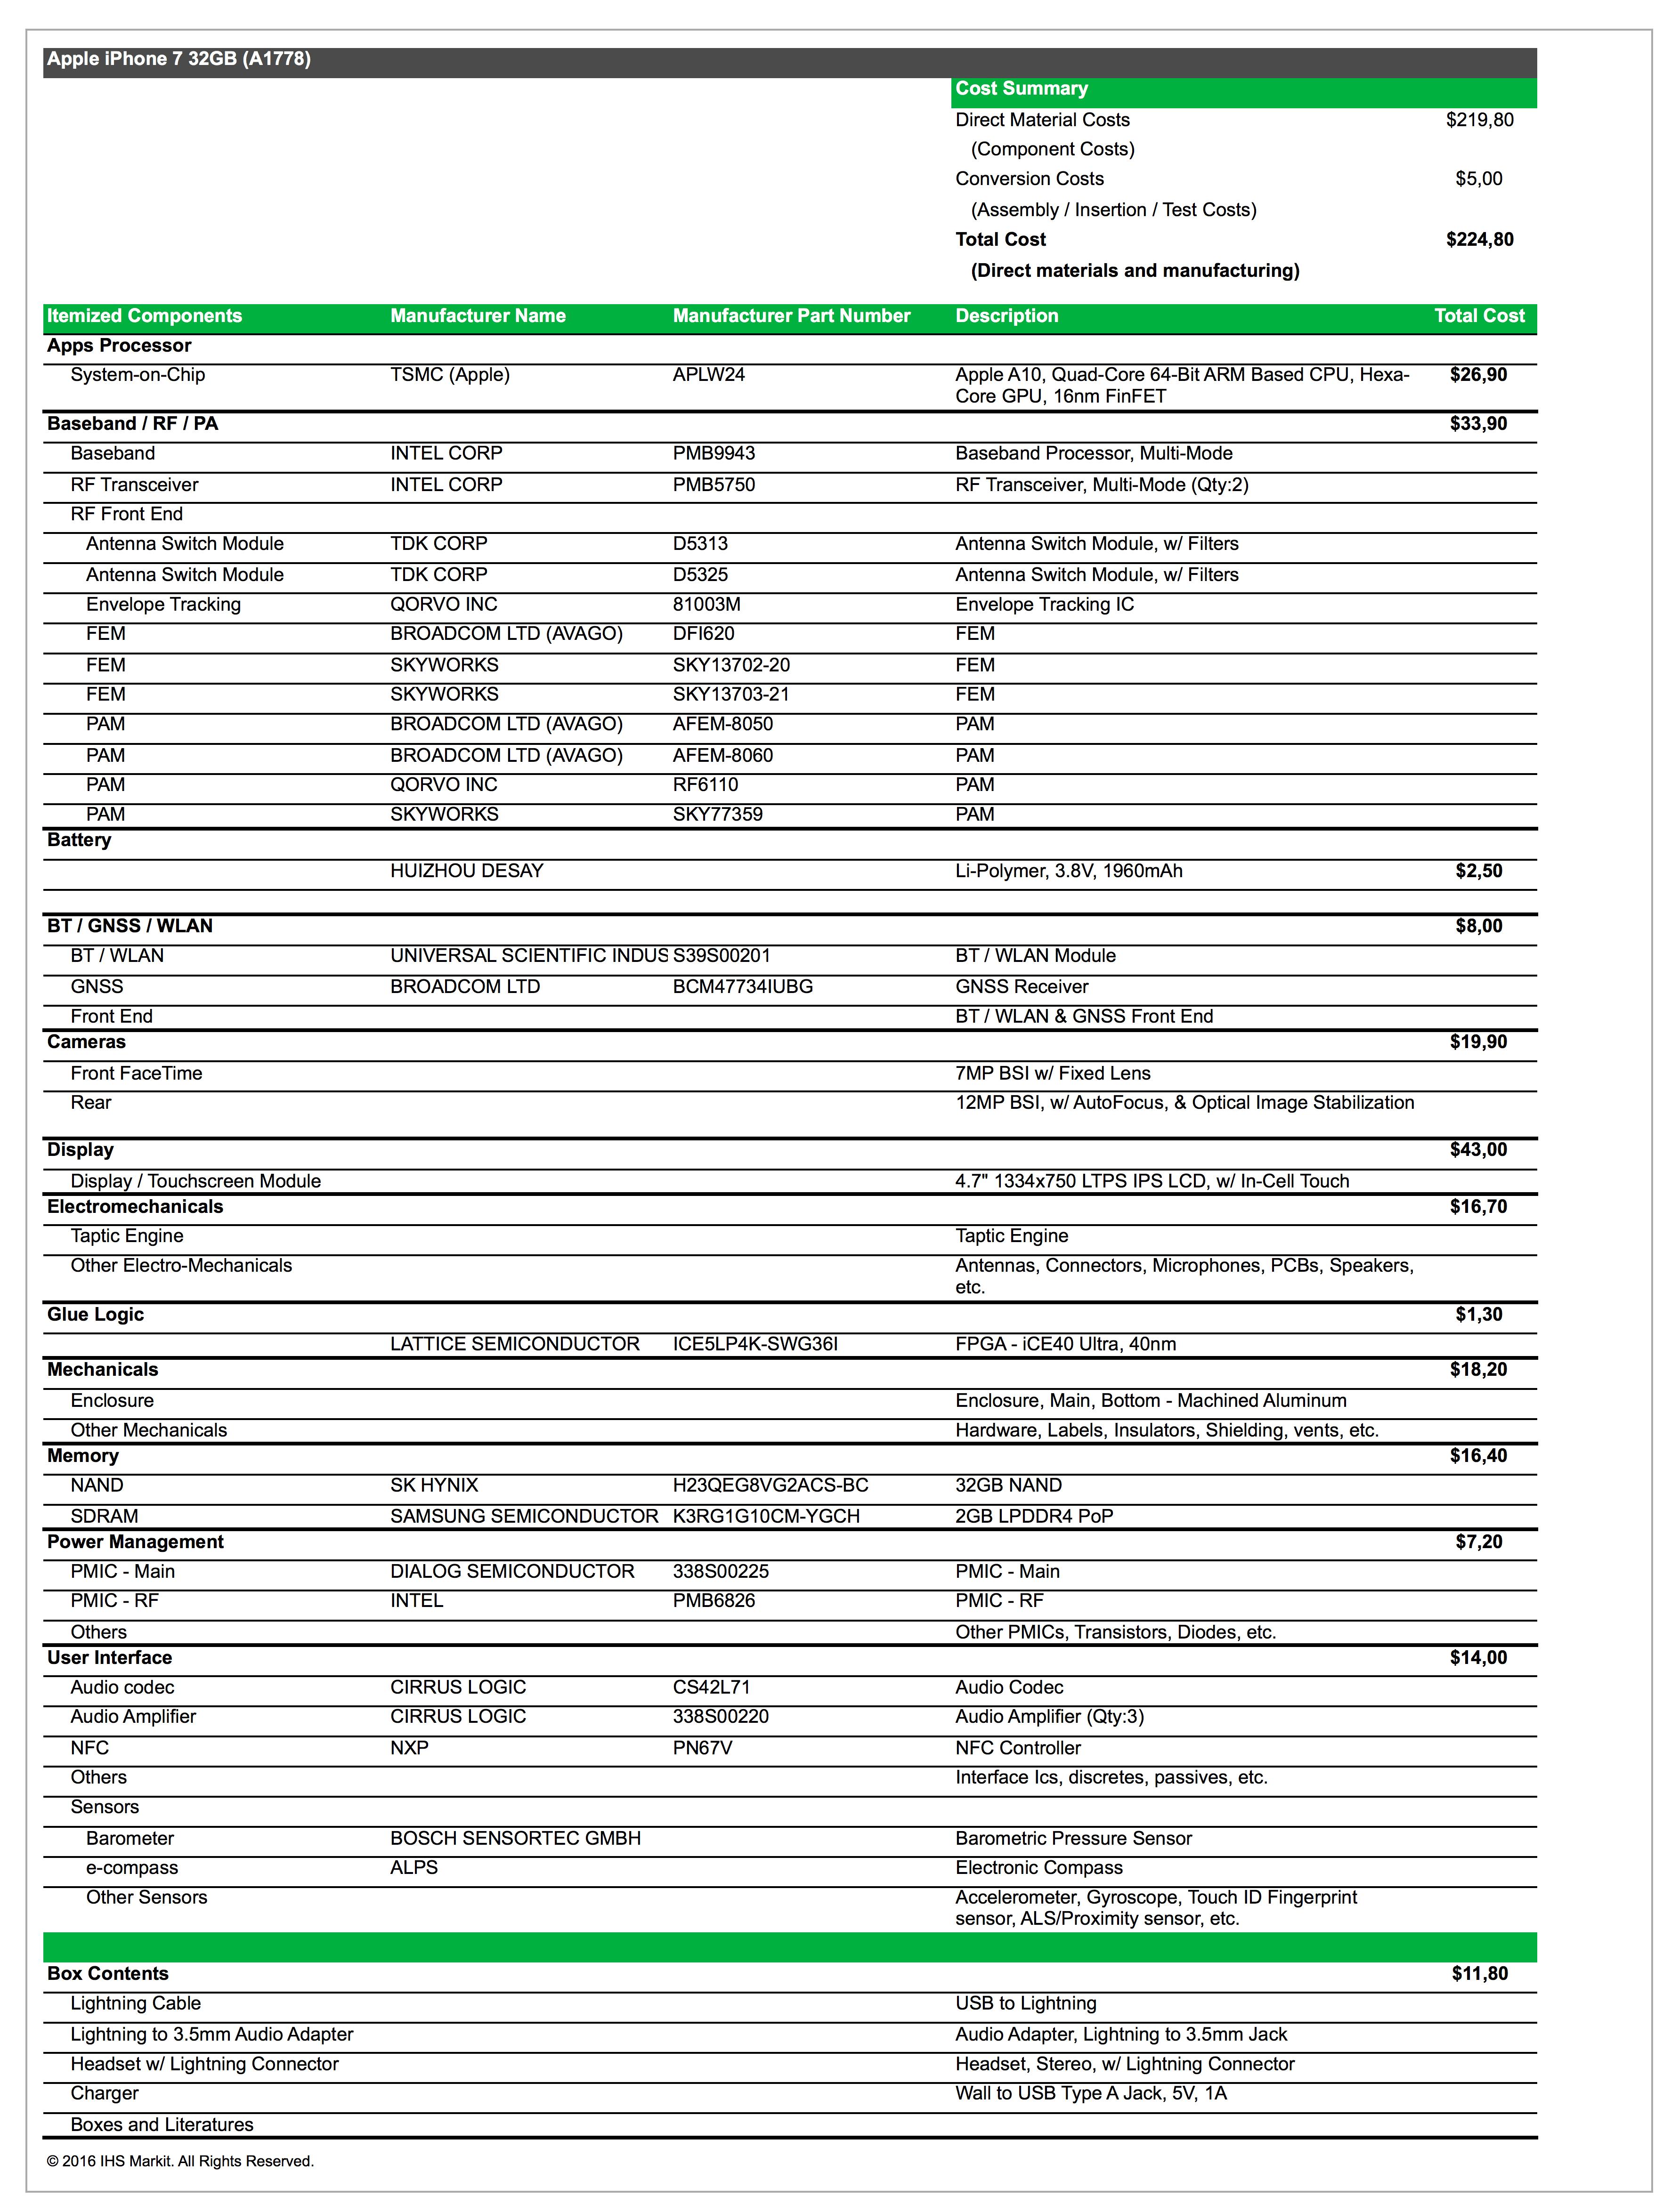 iphone 7 bom ihs markit table 001 KGI: Nessun nuovo modello di iPhone SE nel 2017